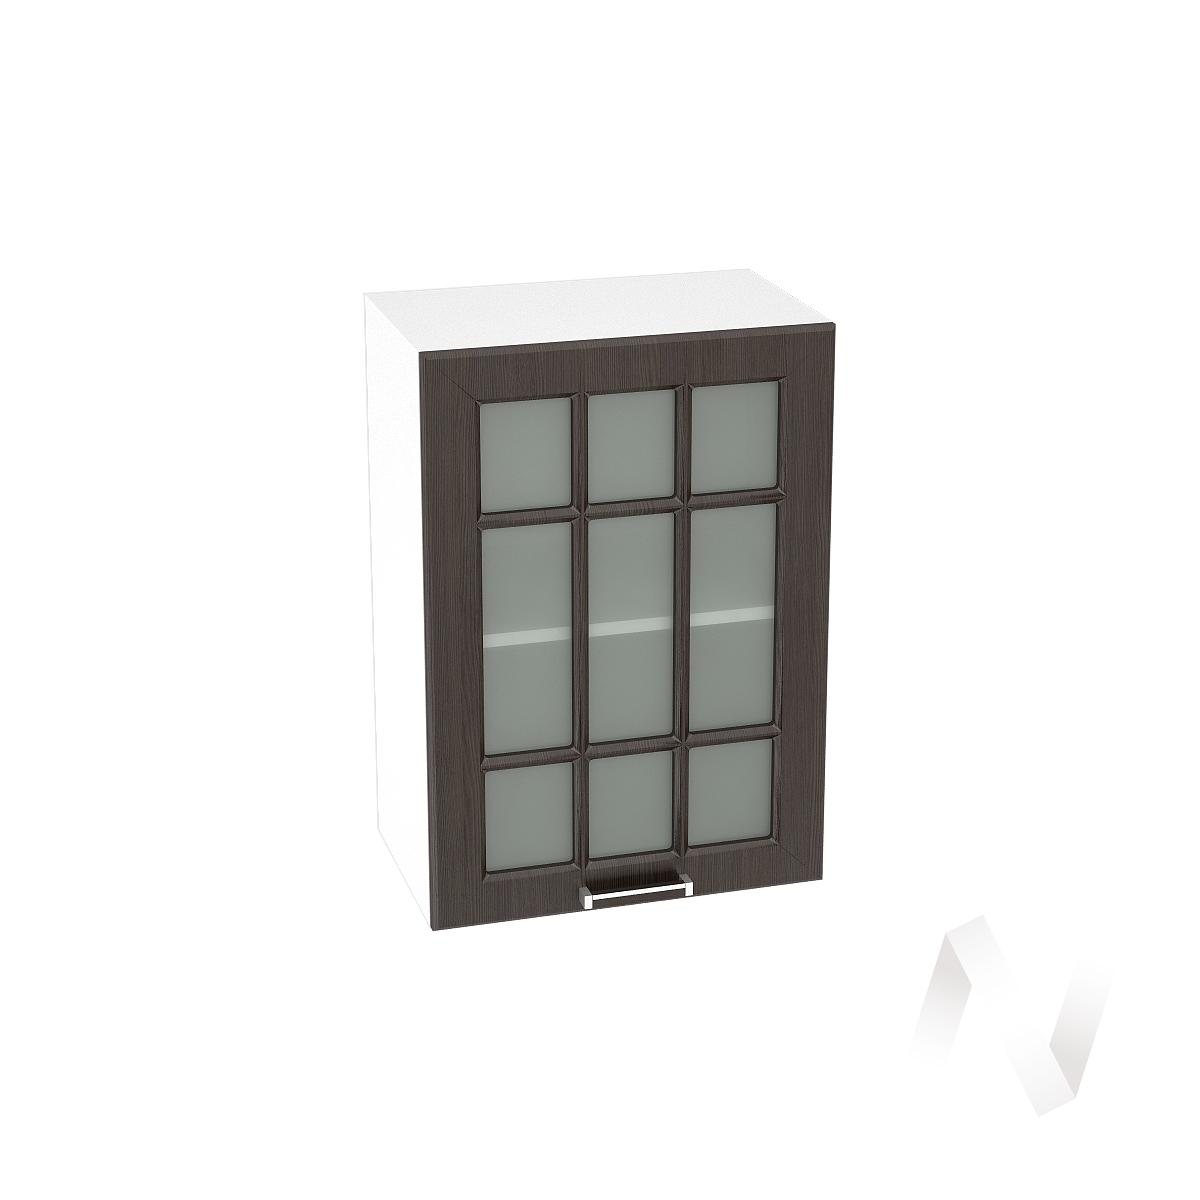 """Кухня """"Прага"""": Шкаф верхний со стеклом 500, ШВС 500 (венге/корпус белый)"""